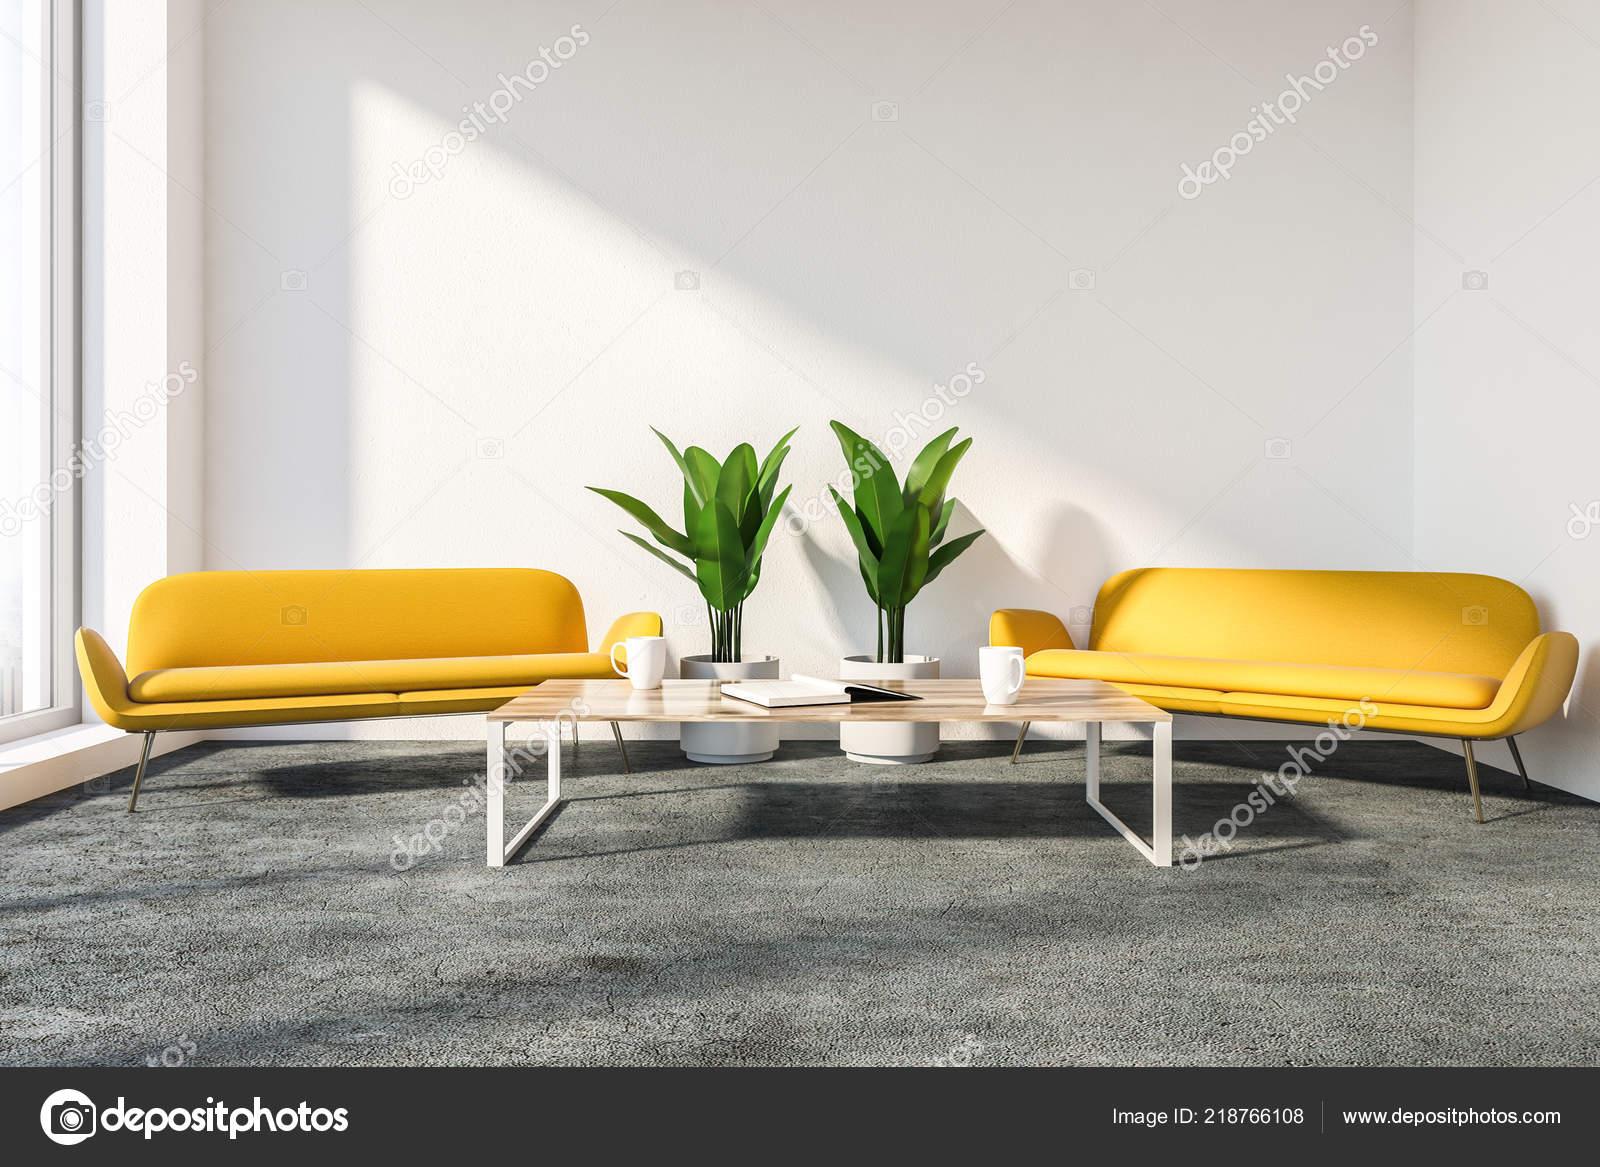 Bureau Style Salon Intérieur Aux Murs Blancs Sol Gris Deux ...